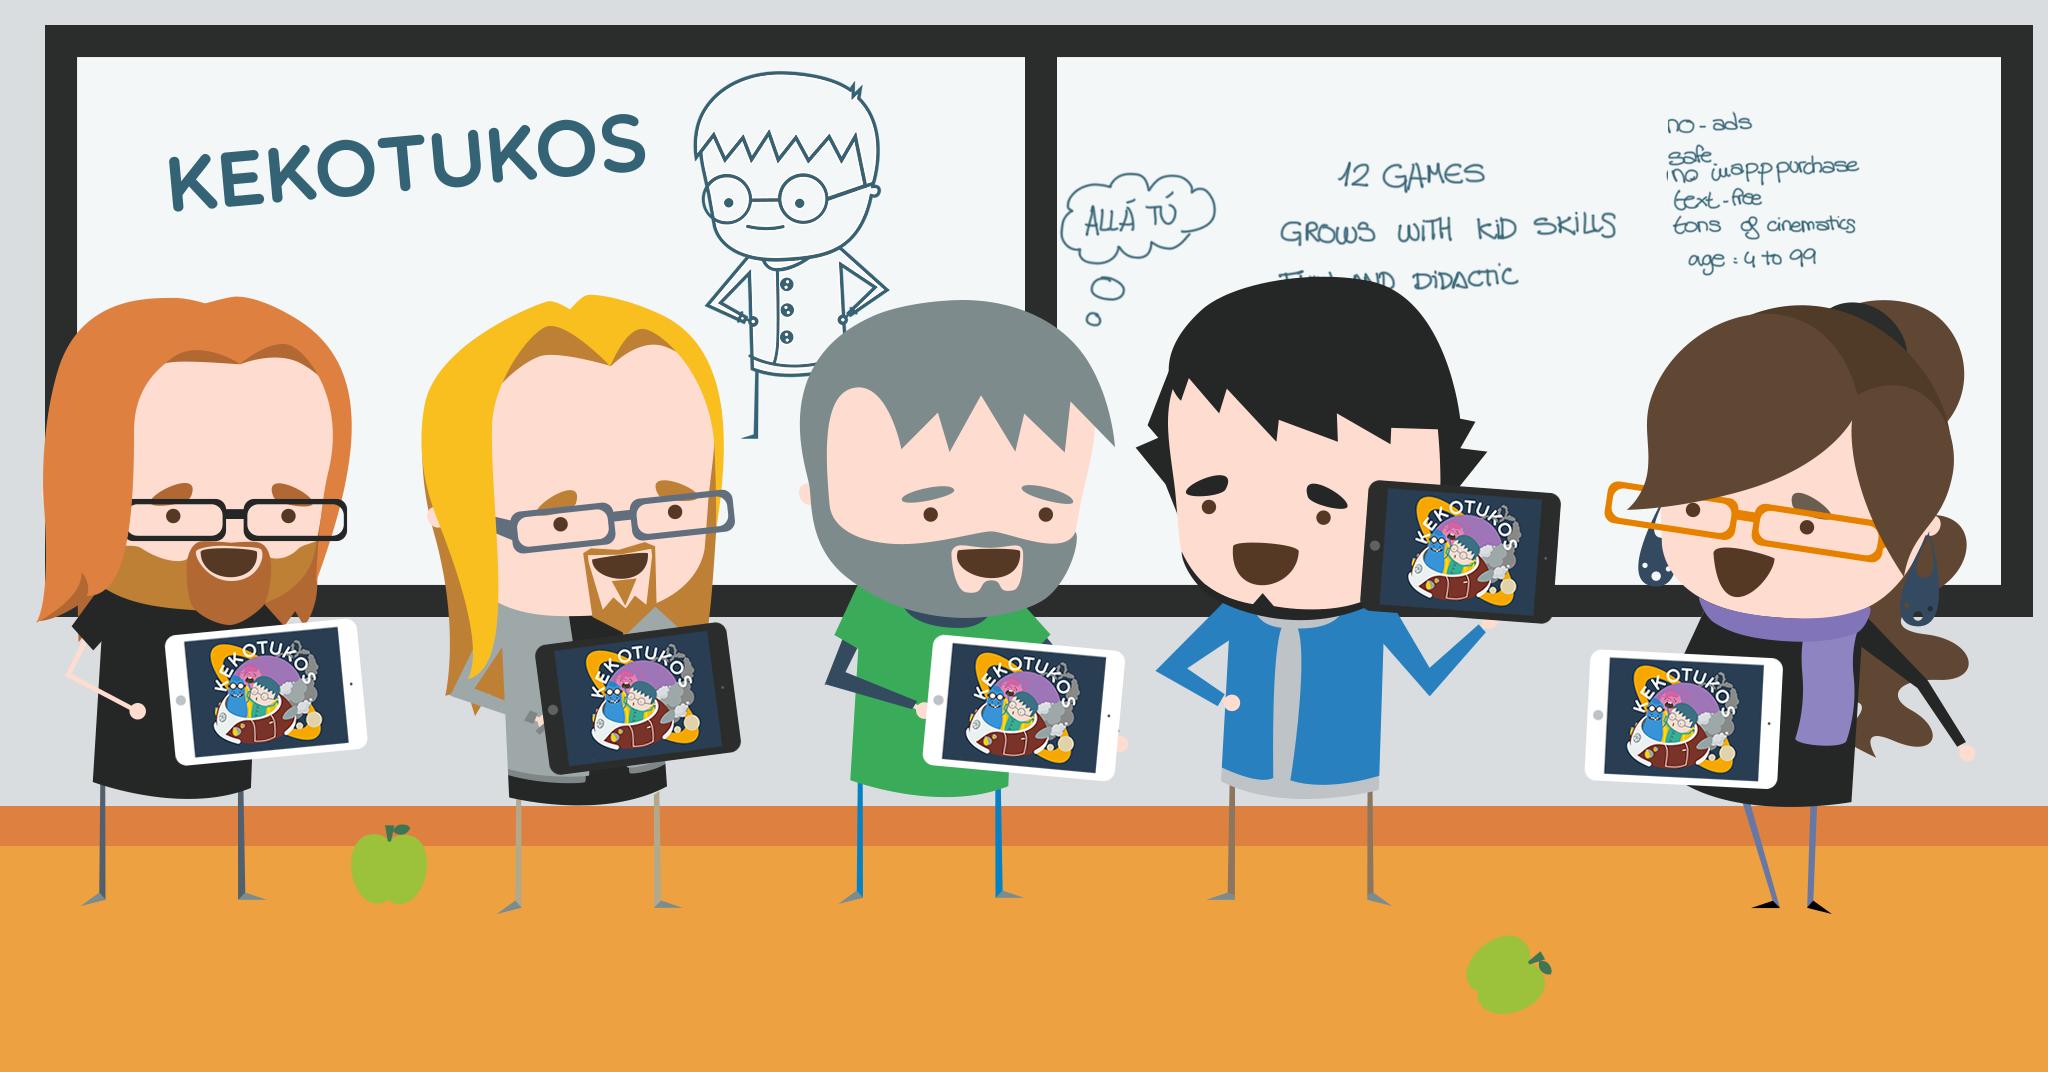 Equipo de Kekotukos